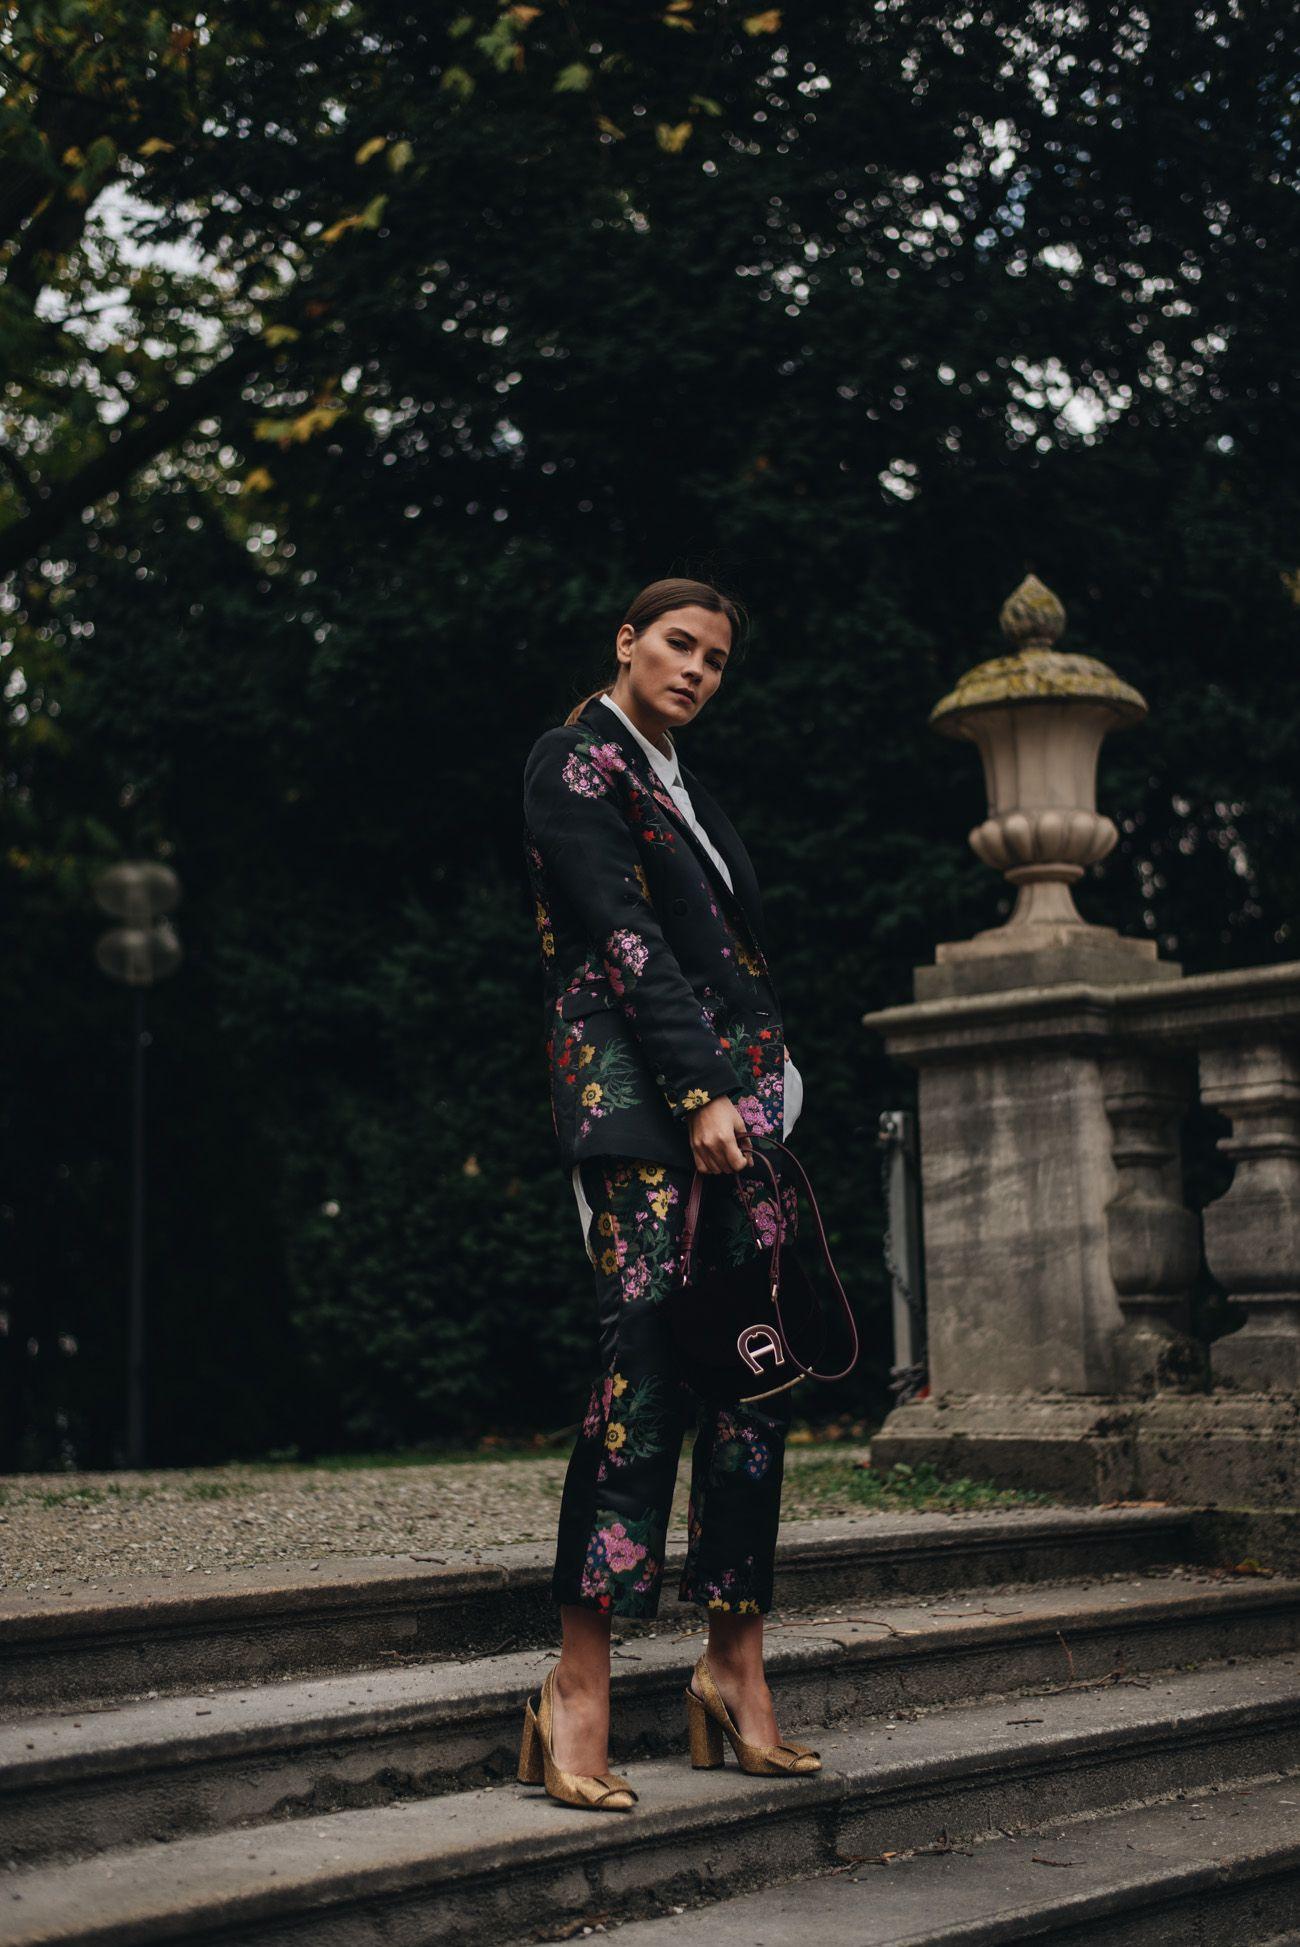 Herbst & Winter Modetrends 2020/21: Farben und Muster in ...